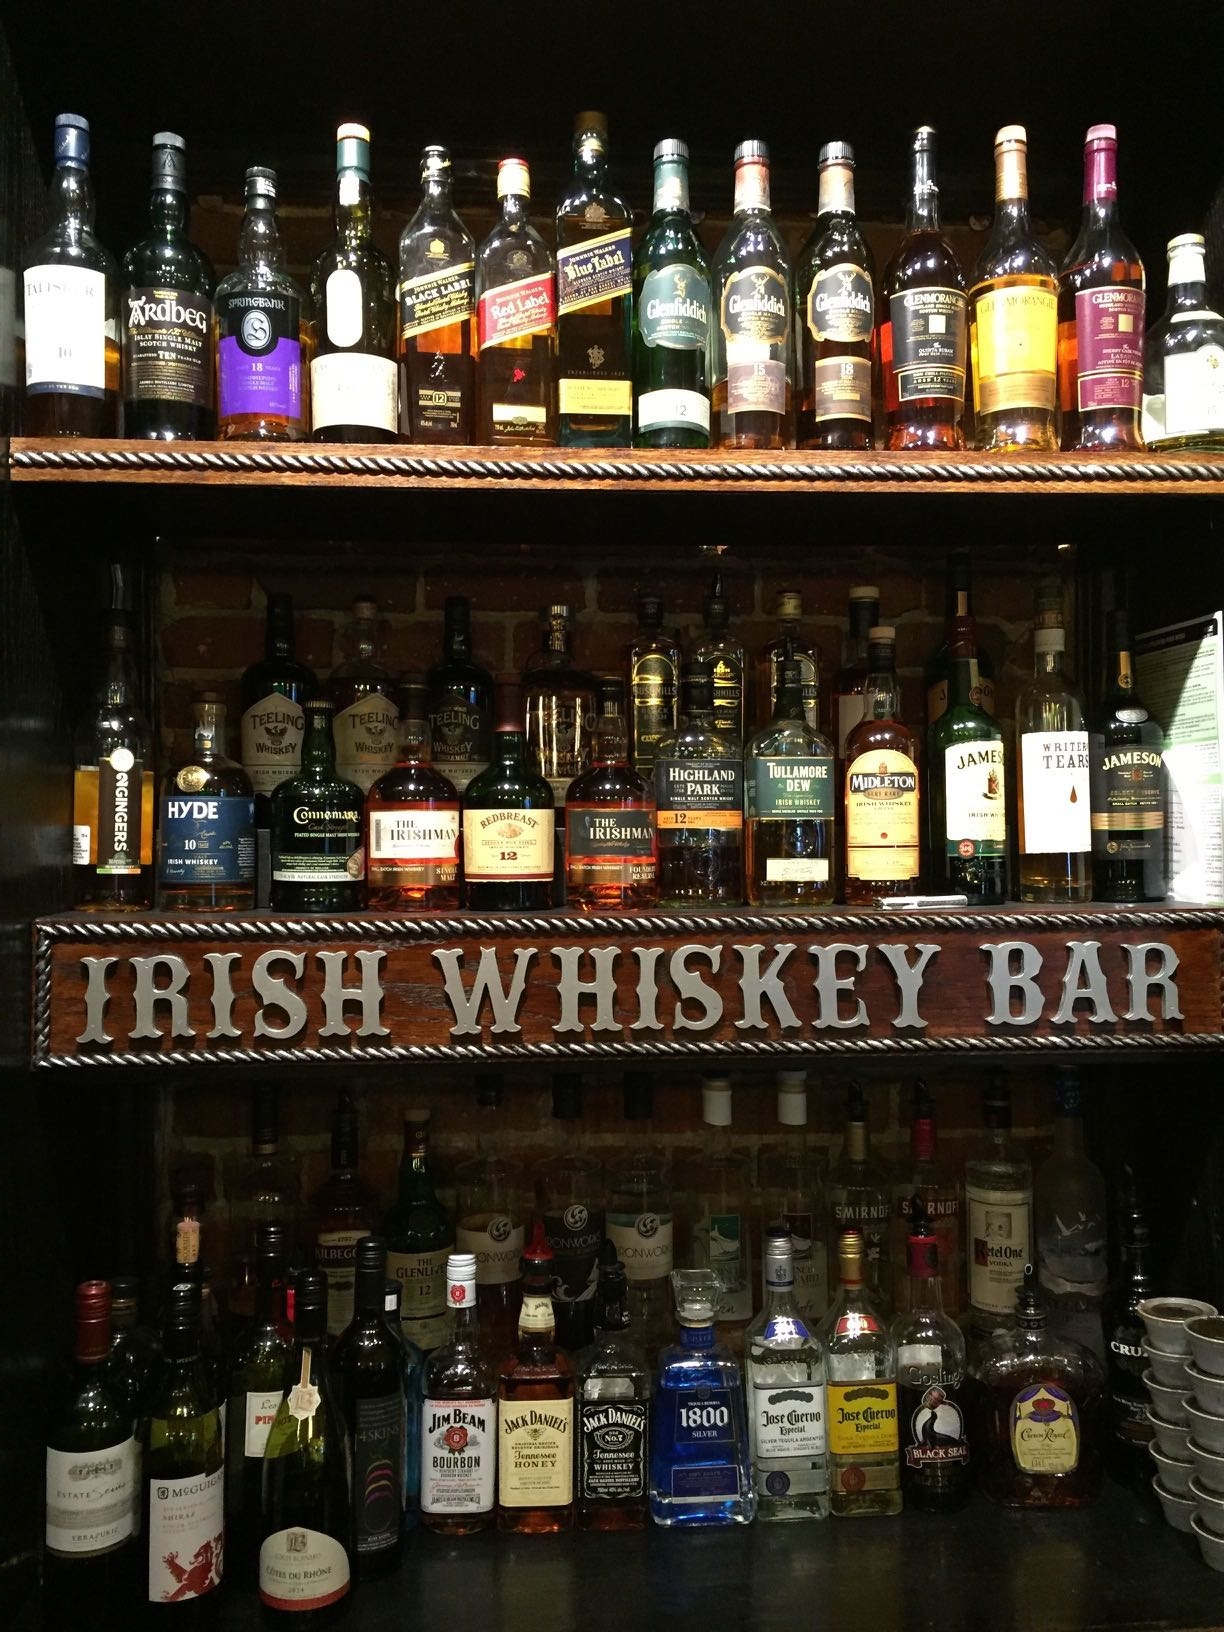 Irish Whiskey Bar